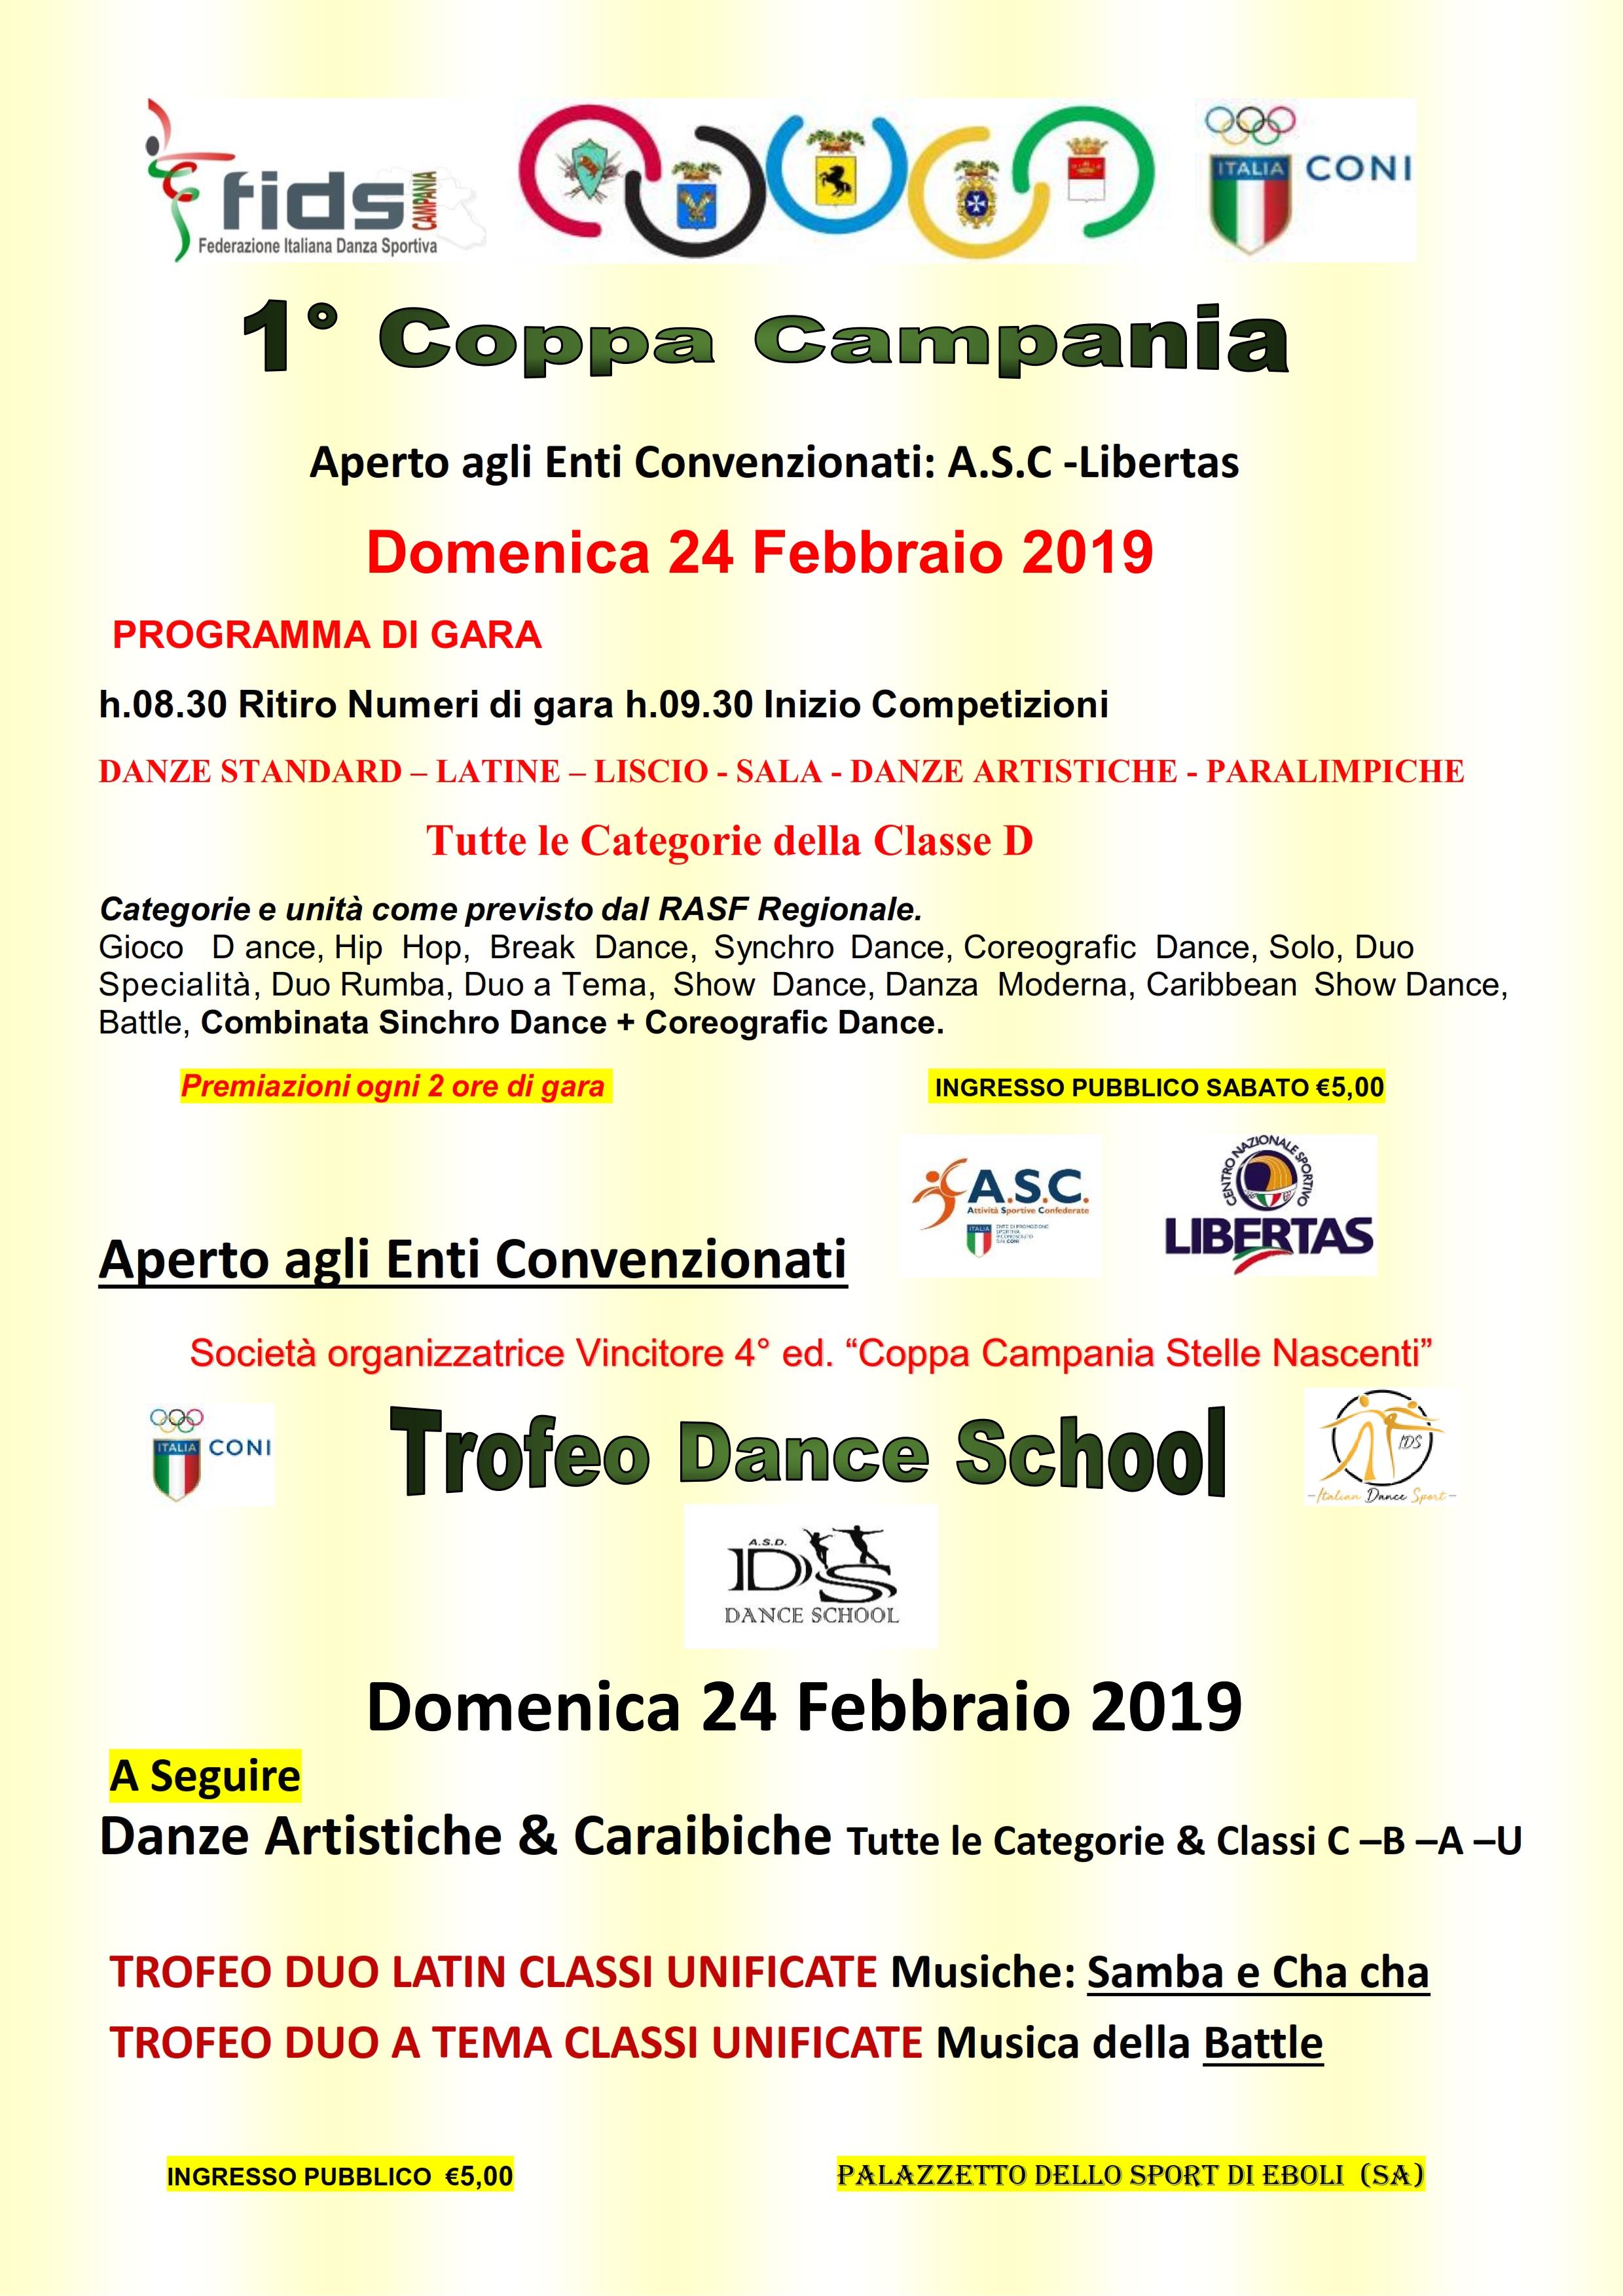 VOLANTINO AGGIORNATO 12-02-2019_001